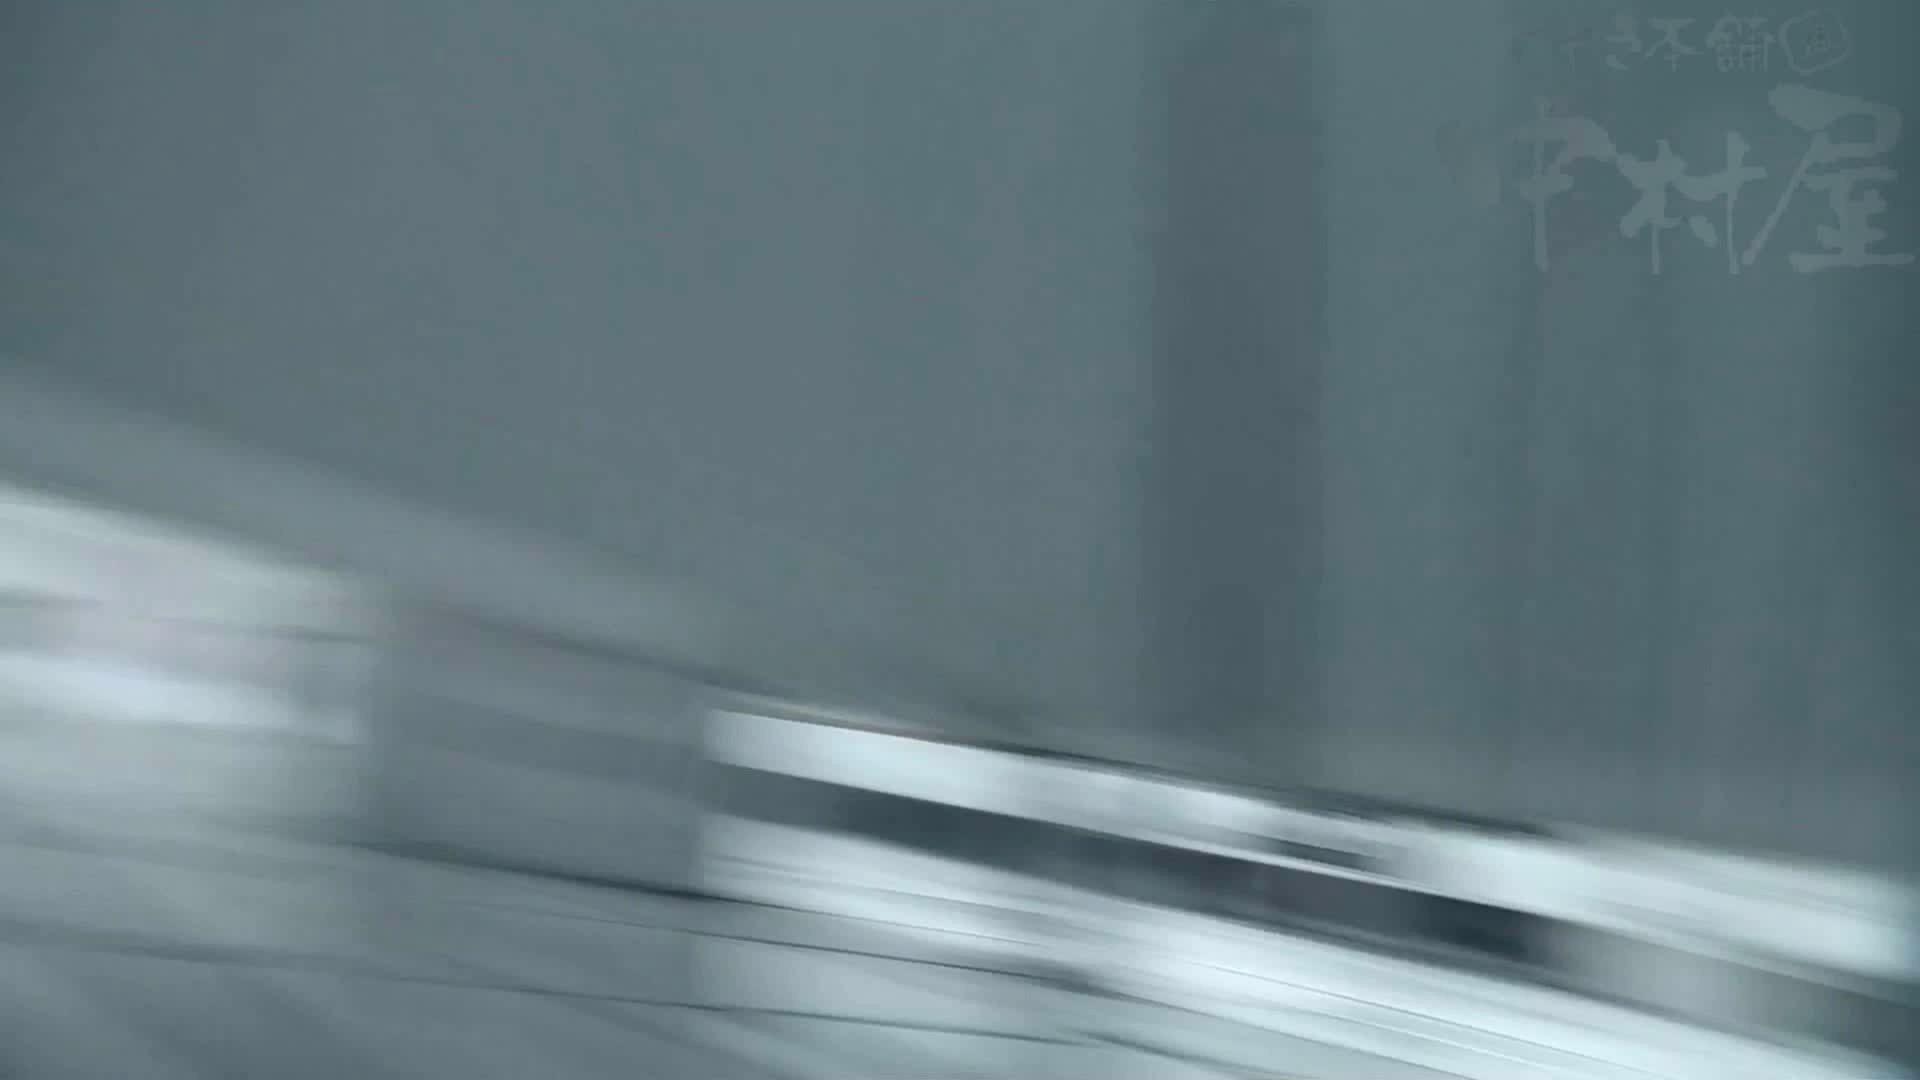 盗撮AV:美しい日本の未来 No.09 オールフロント!/粘り続けてたら奇跡のまた開きだって目の前で起きる!!:のぞき本舗 中村屋